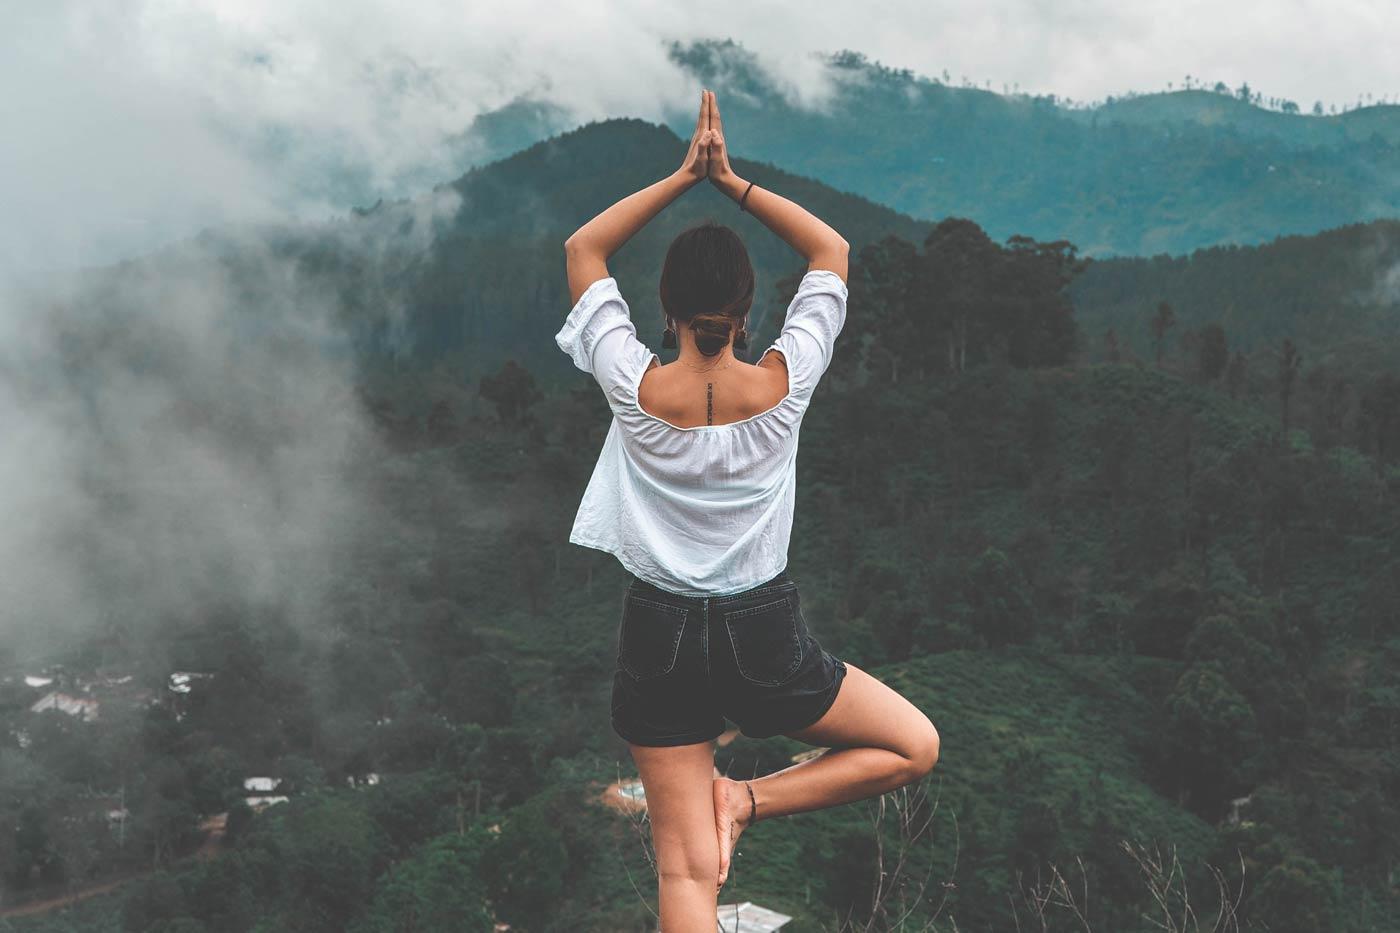 15 miut jogi dziennie ma pozytywny wpływ na nasze samopoczucie